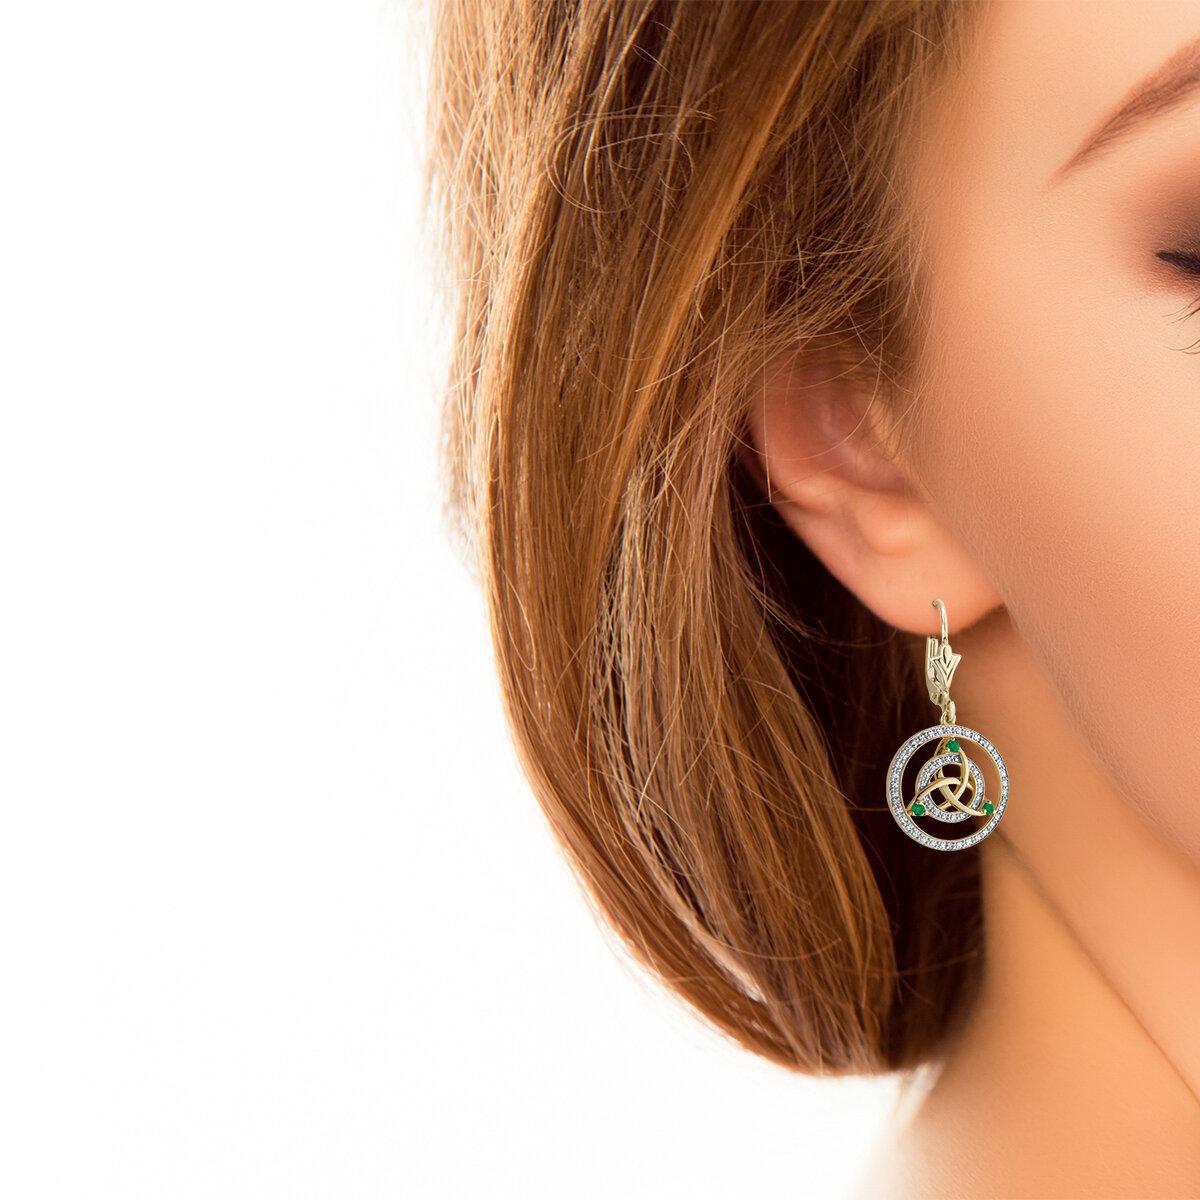 Celtic Knot Drop Earrings s34112 on model